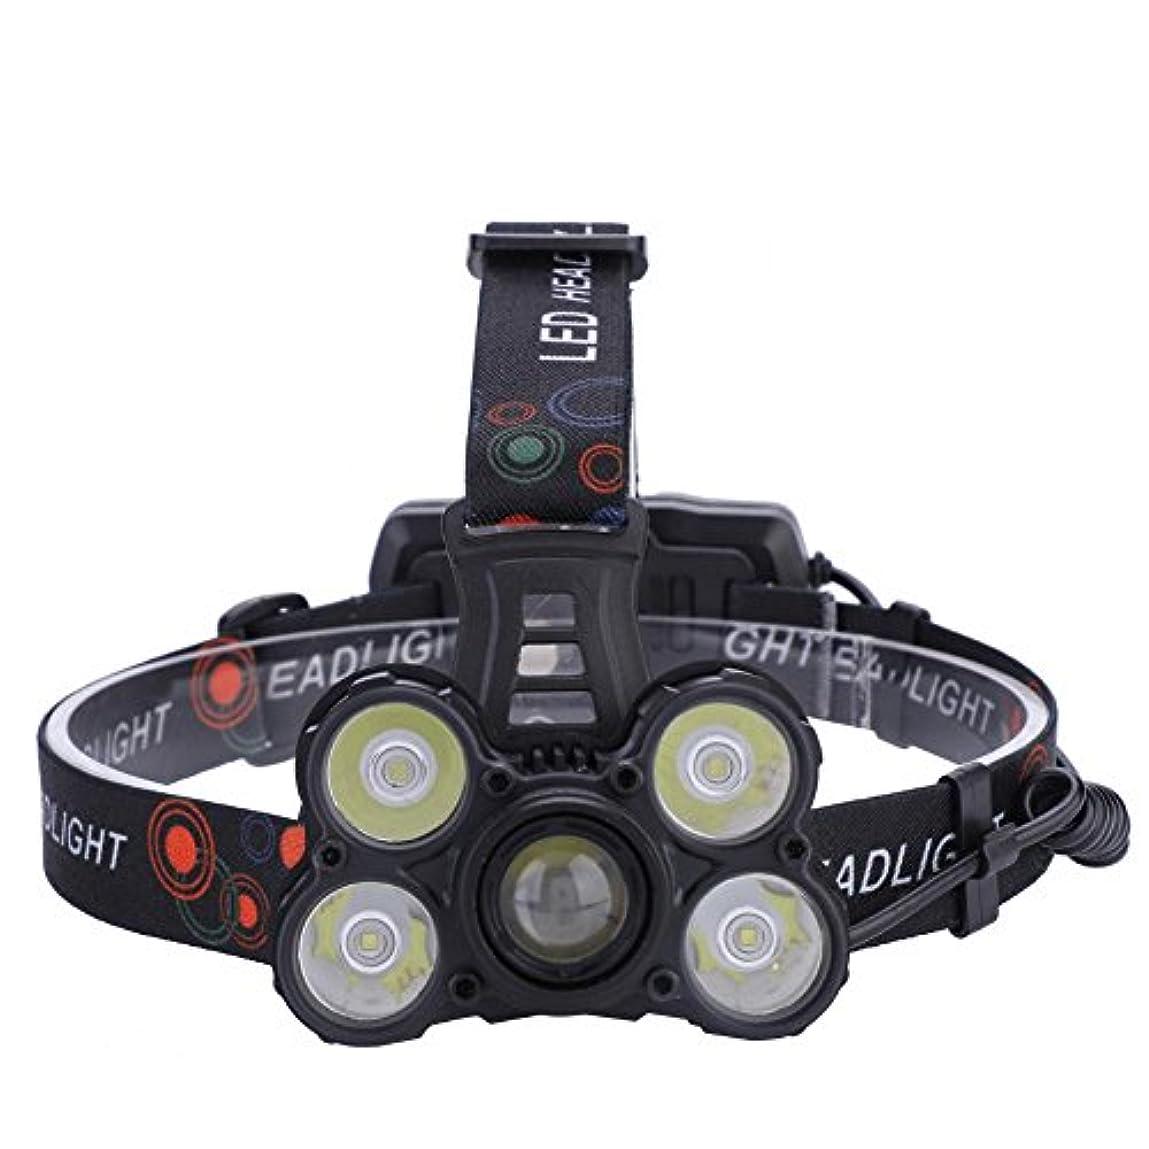 師匠特権相対性理論LEDヘッドライト 充電式USB ヘッドライト 対防水コーティング 高輝度LED 18650ルーメン仕様 5点灯モード 作業灯 防災 登山 釣り ランニング 夜釣り キャンプ ヘルメットライト ランタン